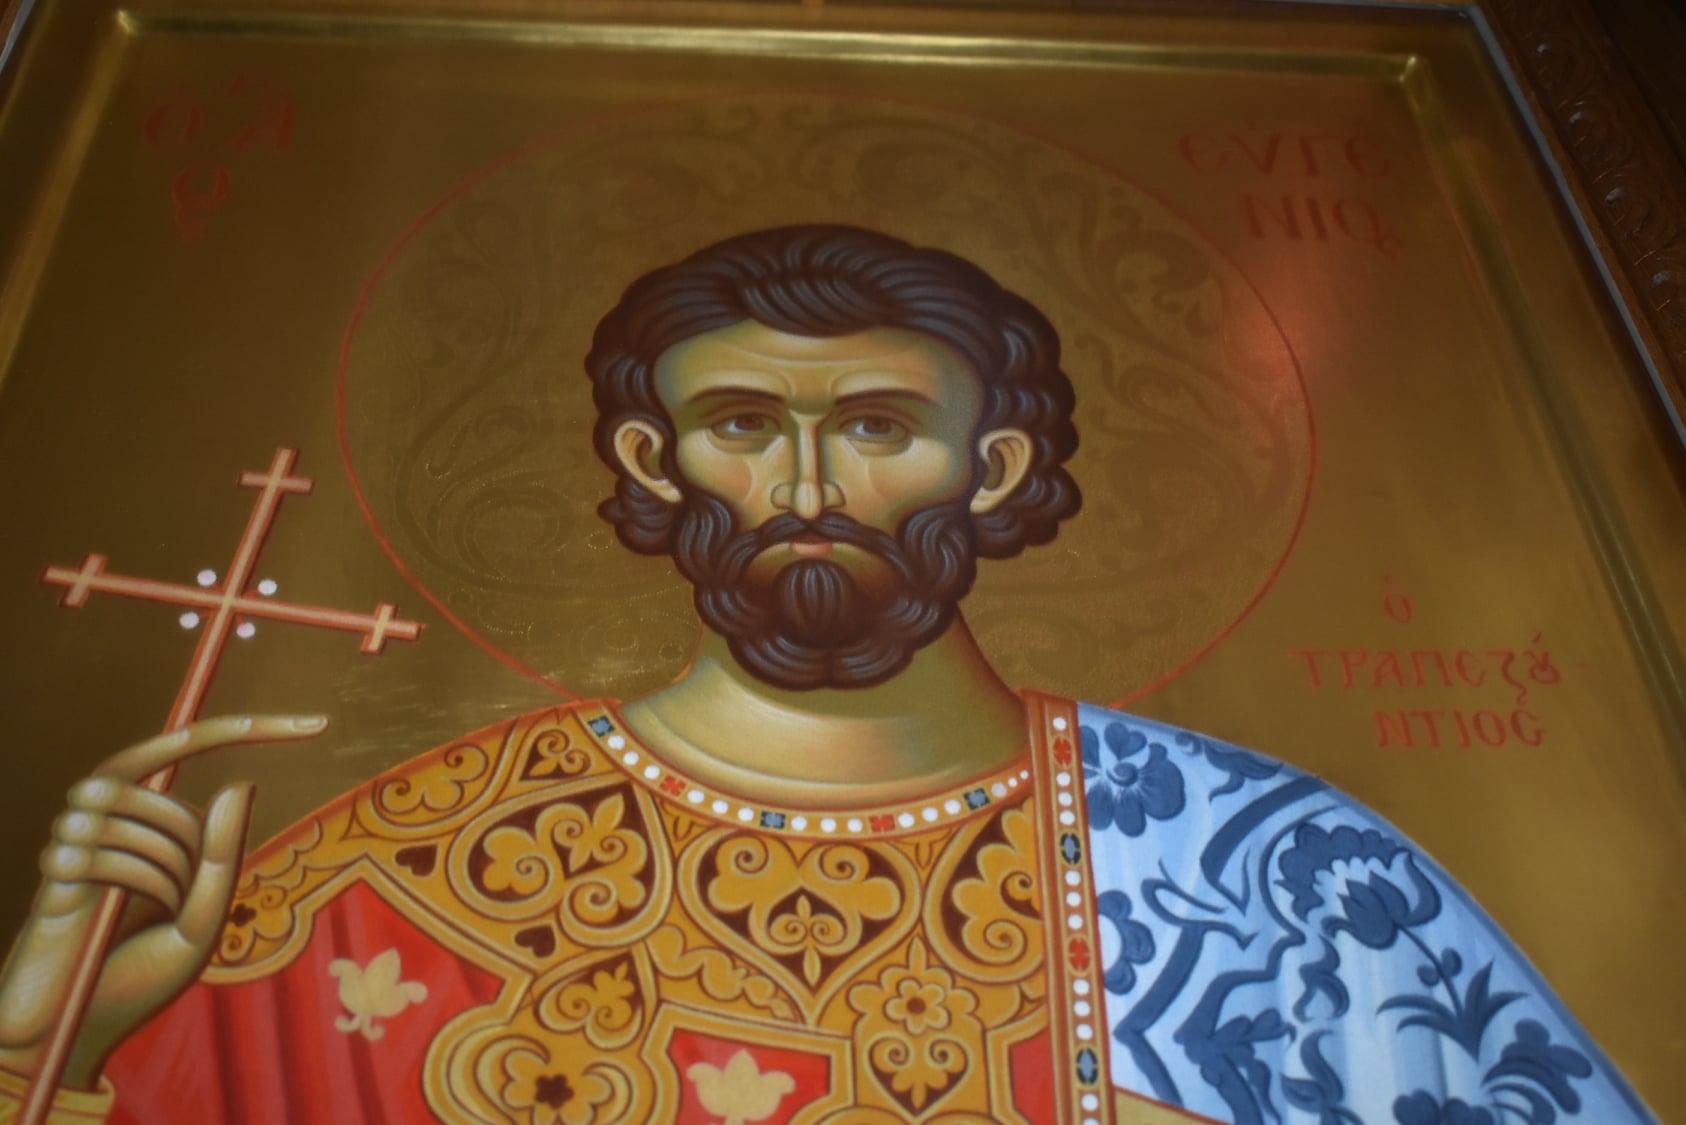 Σήμερα γιορτάζει το κλέος της Τραπεζούντας! Ο Άγιος Ευγένιος